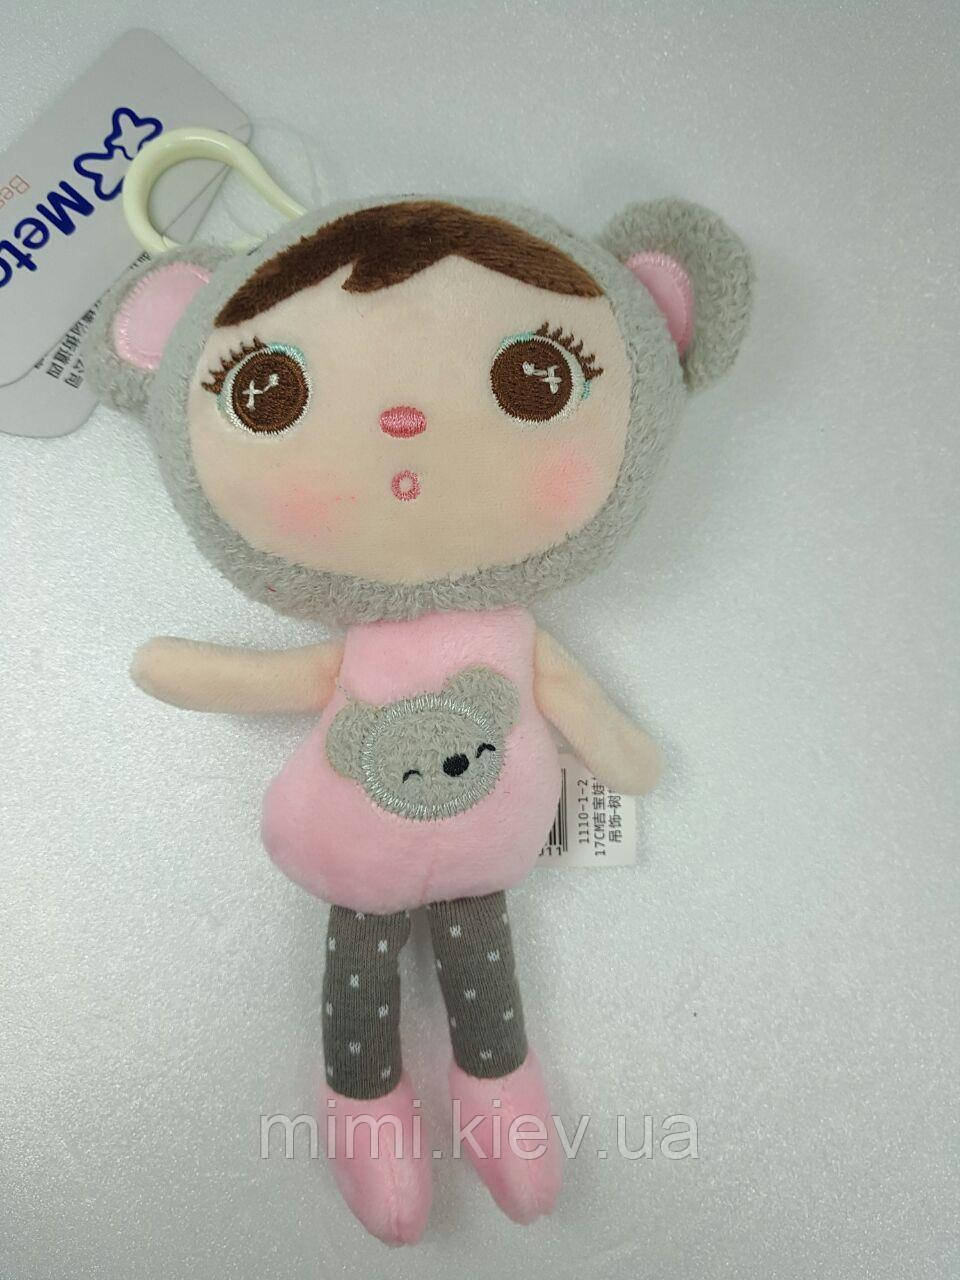 Кукла Metoo 17 см, игрушка, брелок